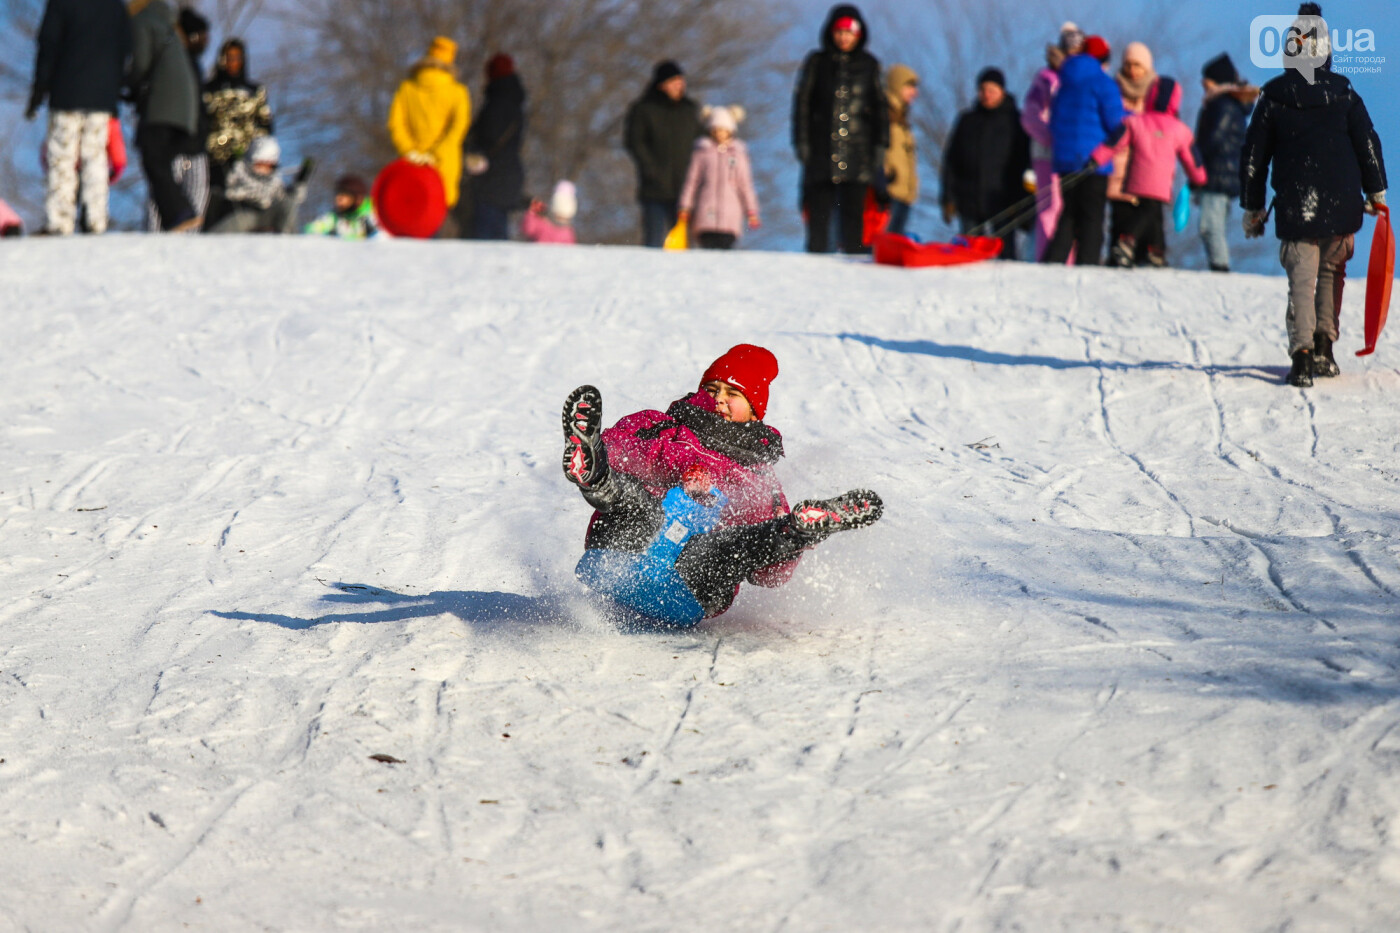 На санках, лыжах и сноуборде: запорожцы устроили массовое катание с горок в Вознесеновском парке, - ФОТОРЕПОРТАЖ, фото-23